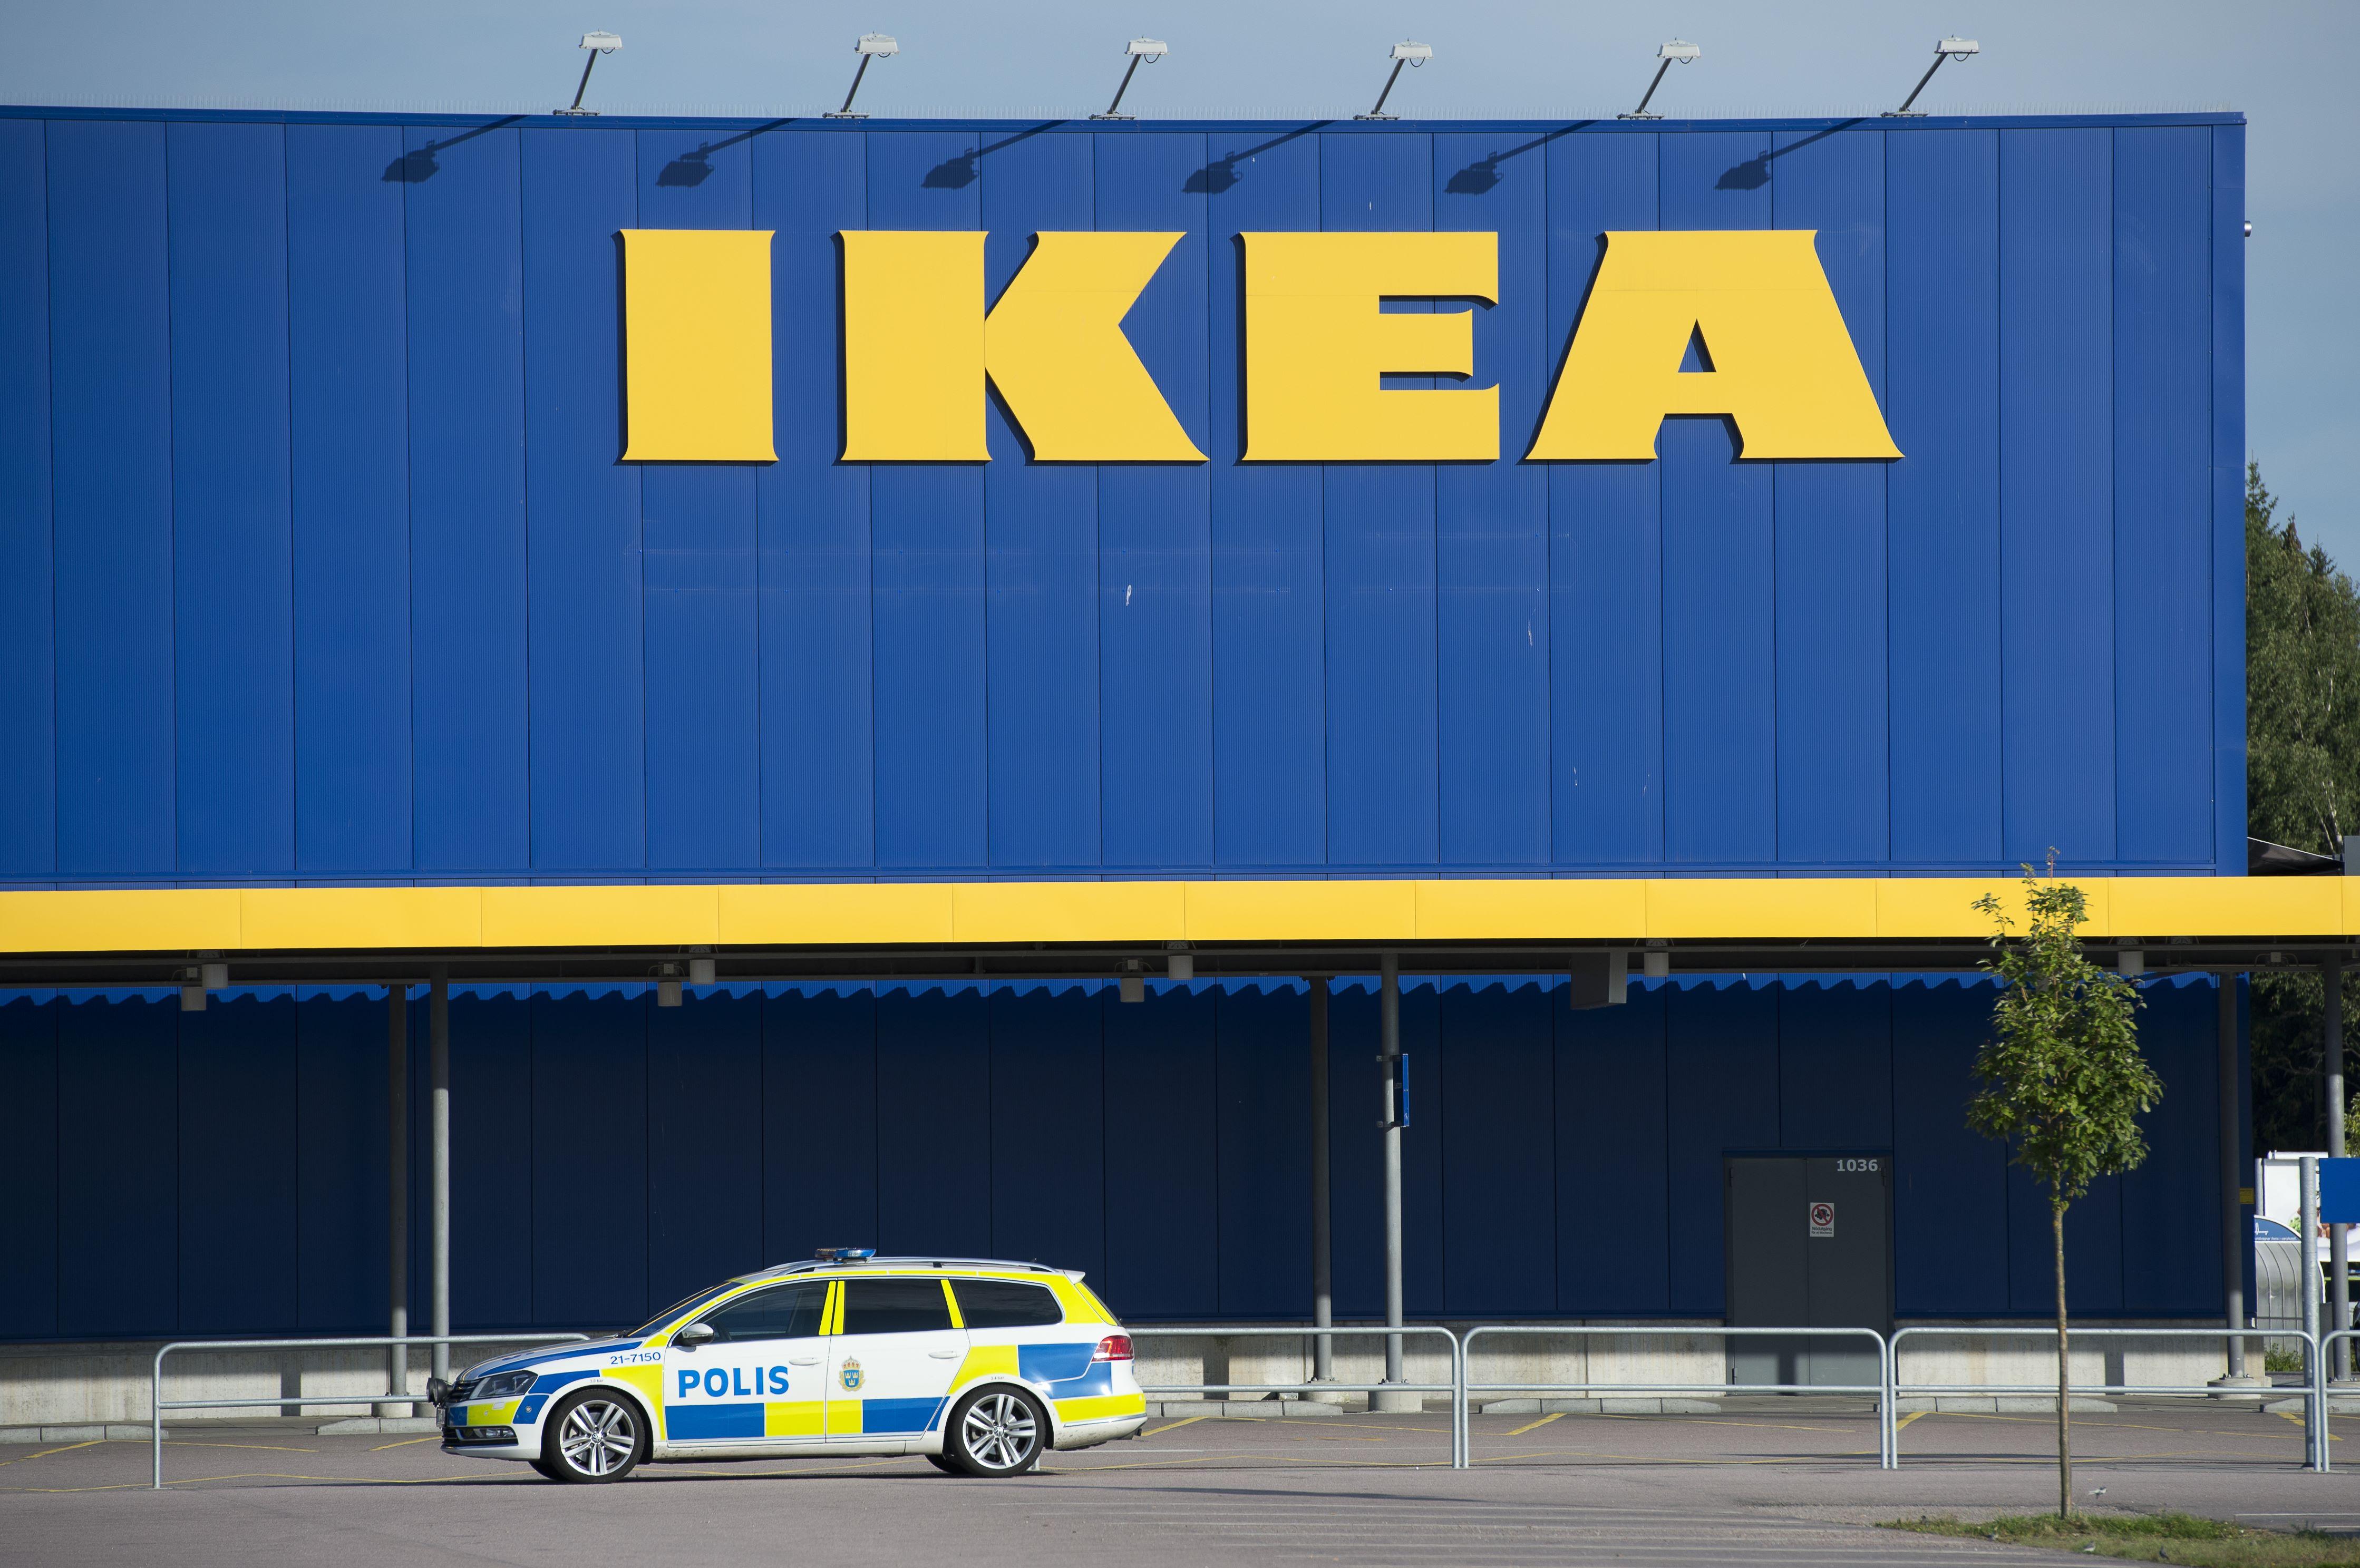 ikea möbelvaruhus västerås västerås - Hårdt såret mand anholdt for Ikea drab Udland DR